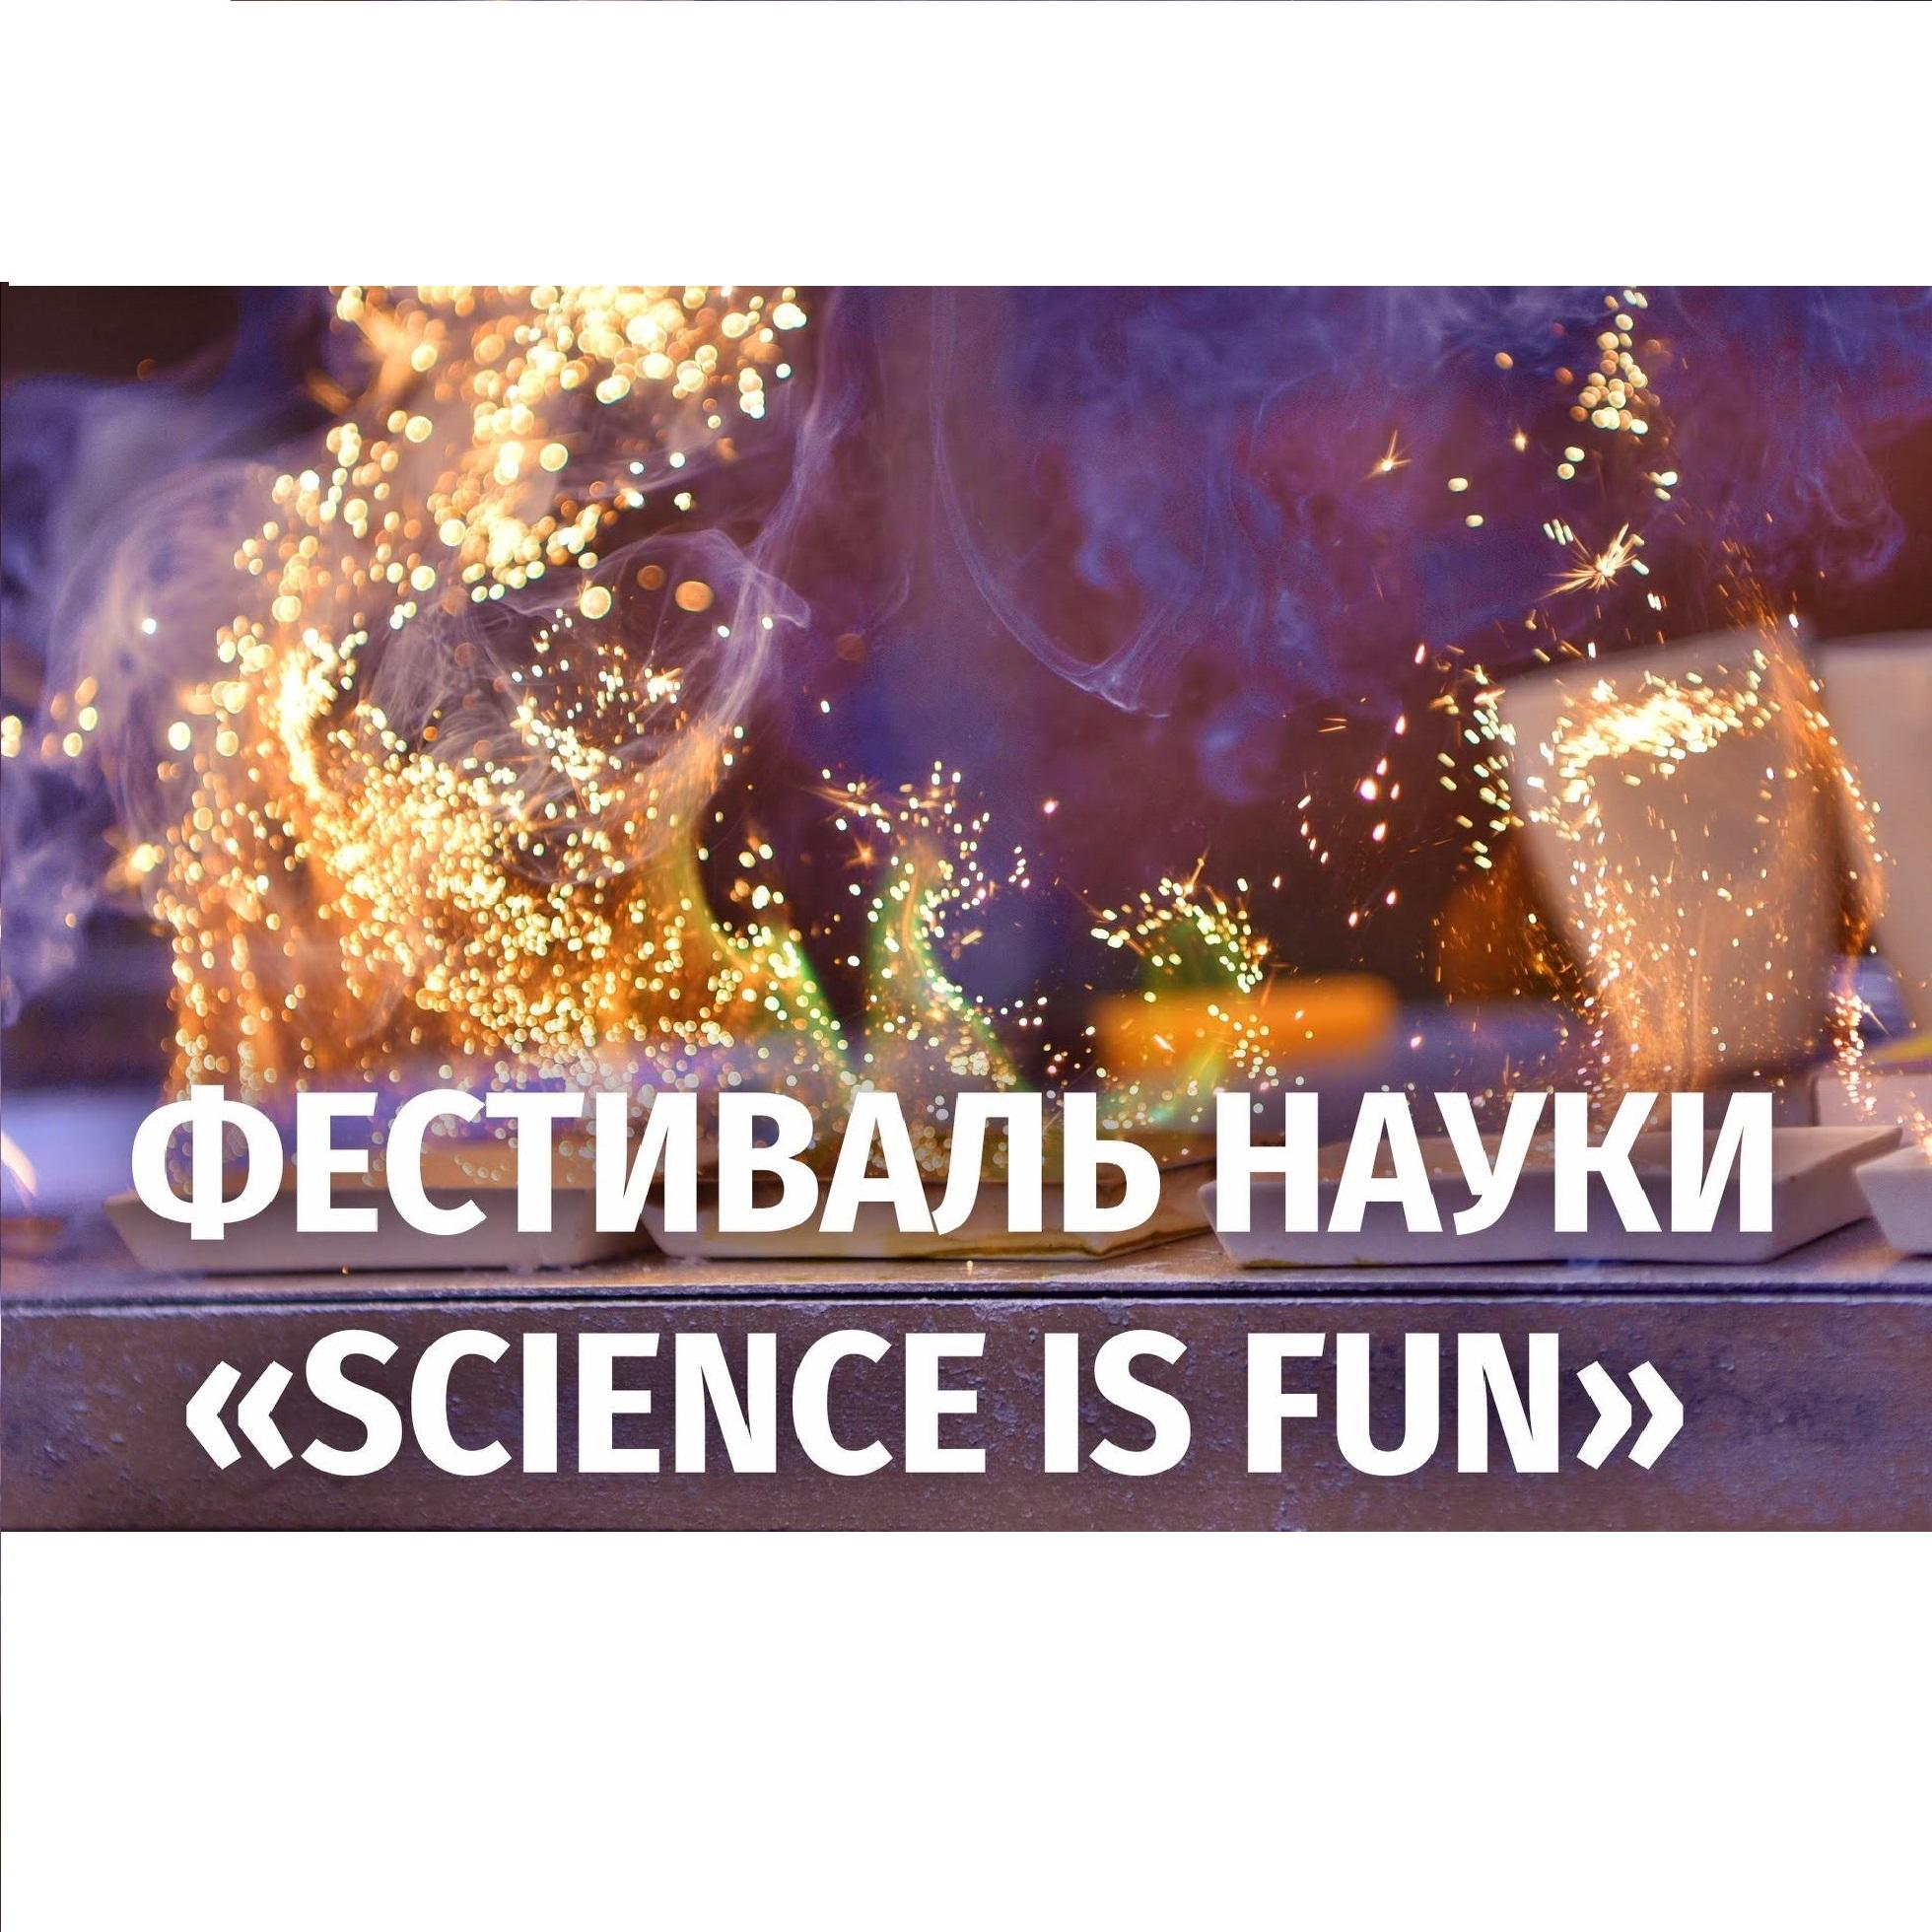 День відкритих дверей НТУ «ХПІ» та фестиваль науки «Science is fun»